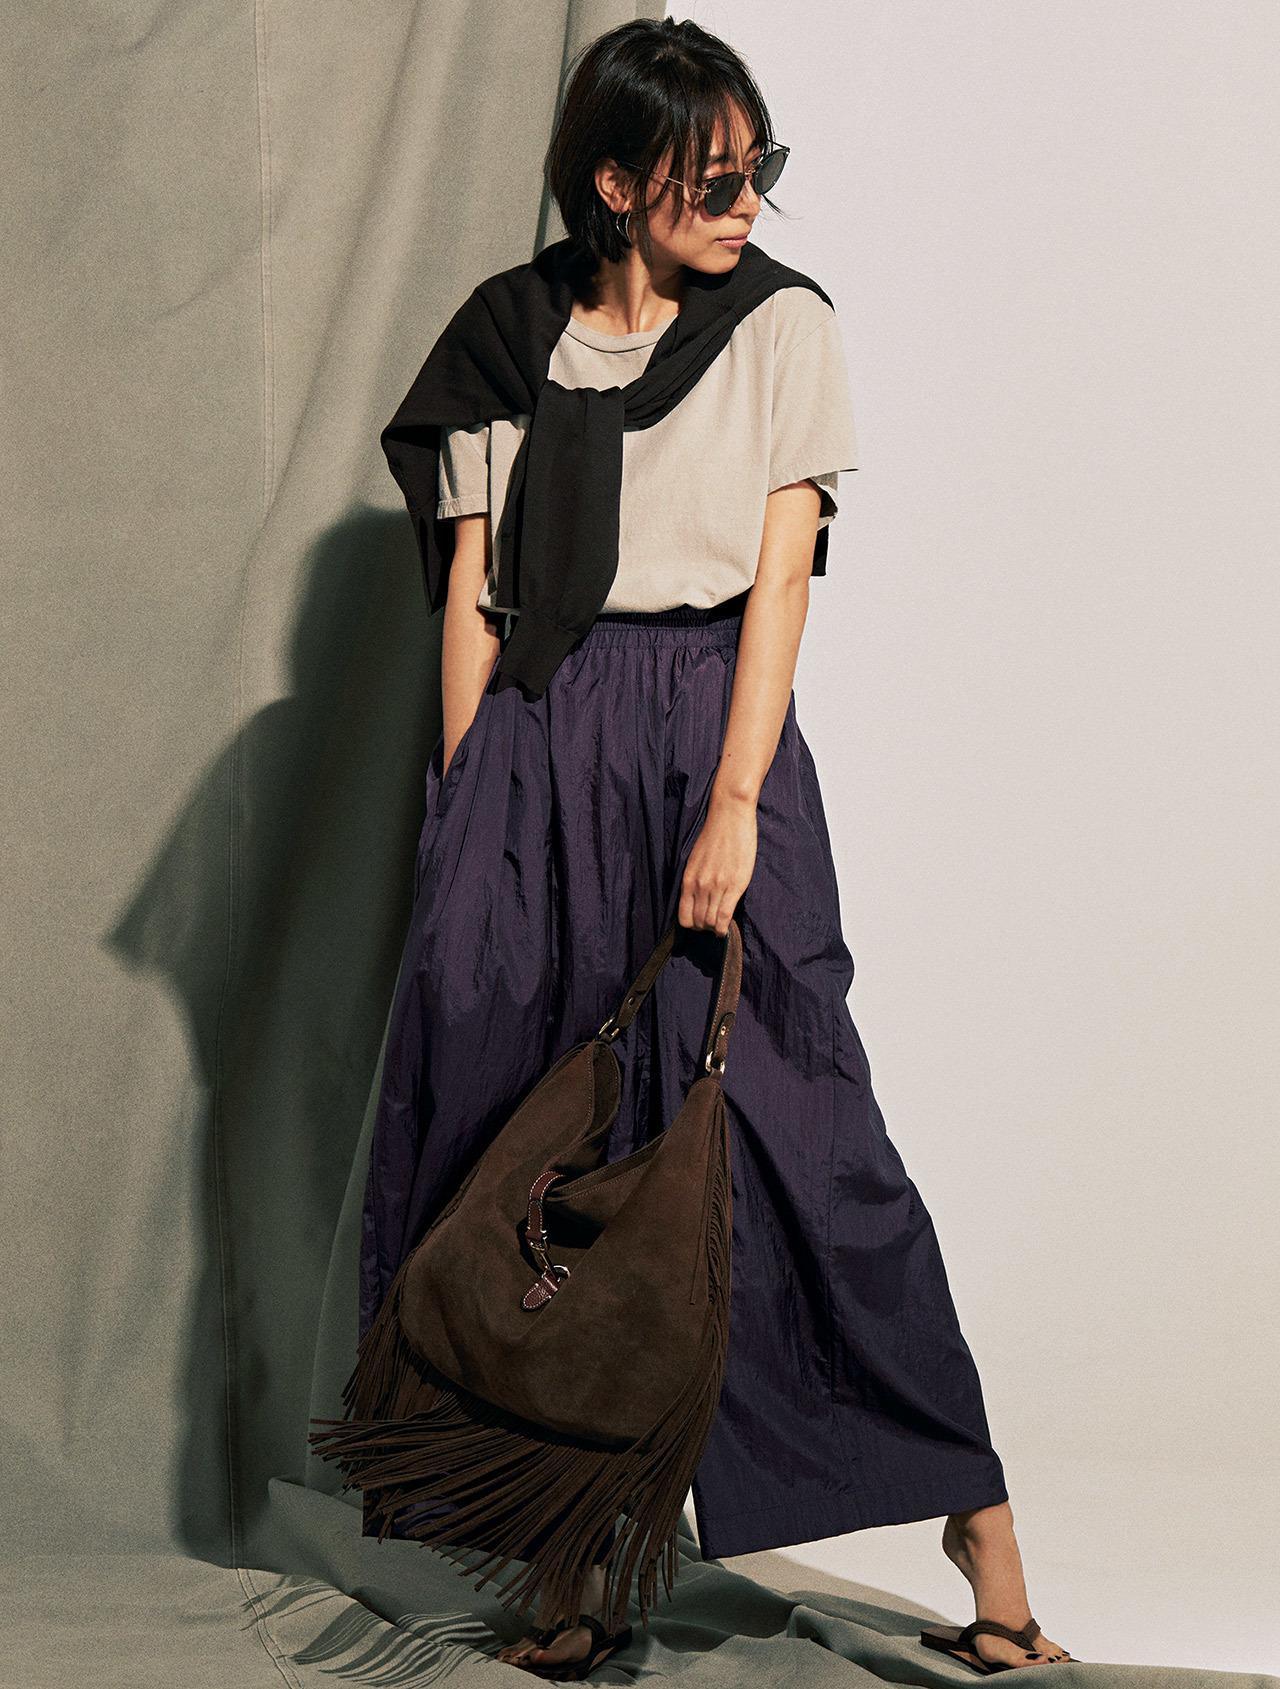 肩がけニット×Tシャツ×パープルのツヤパンツコーデを着たモデルの小泉里子さん